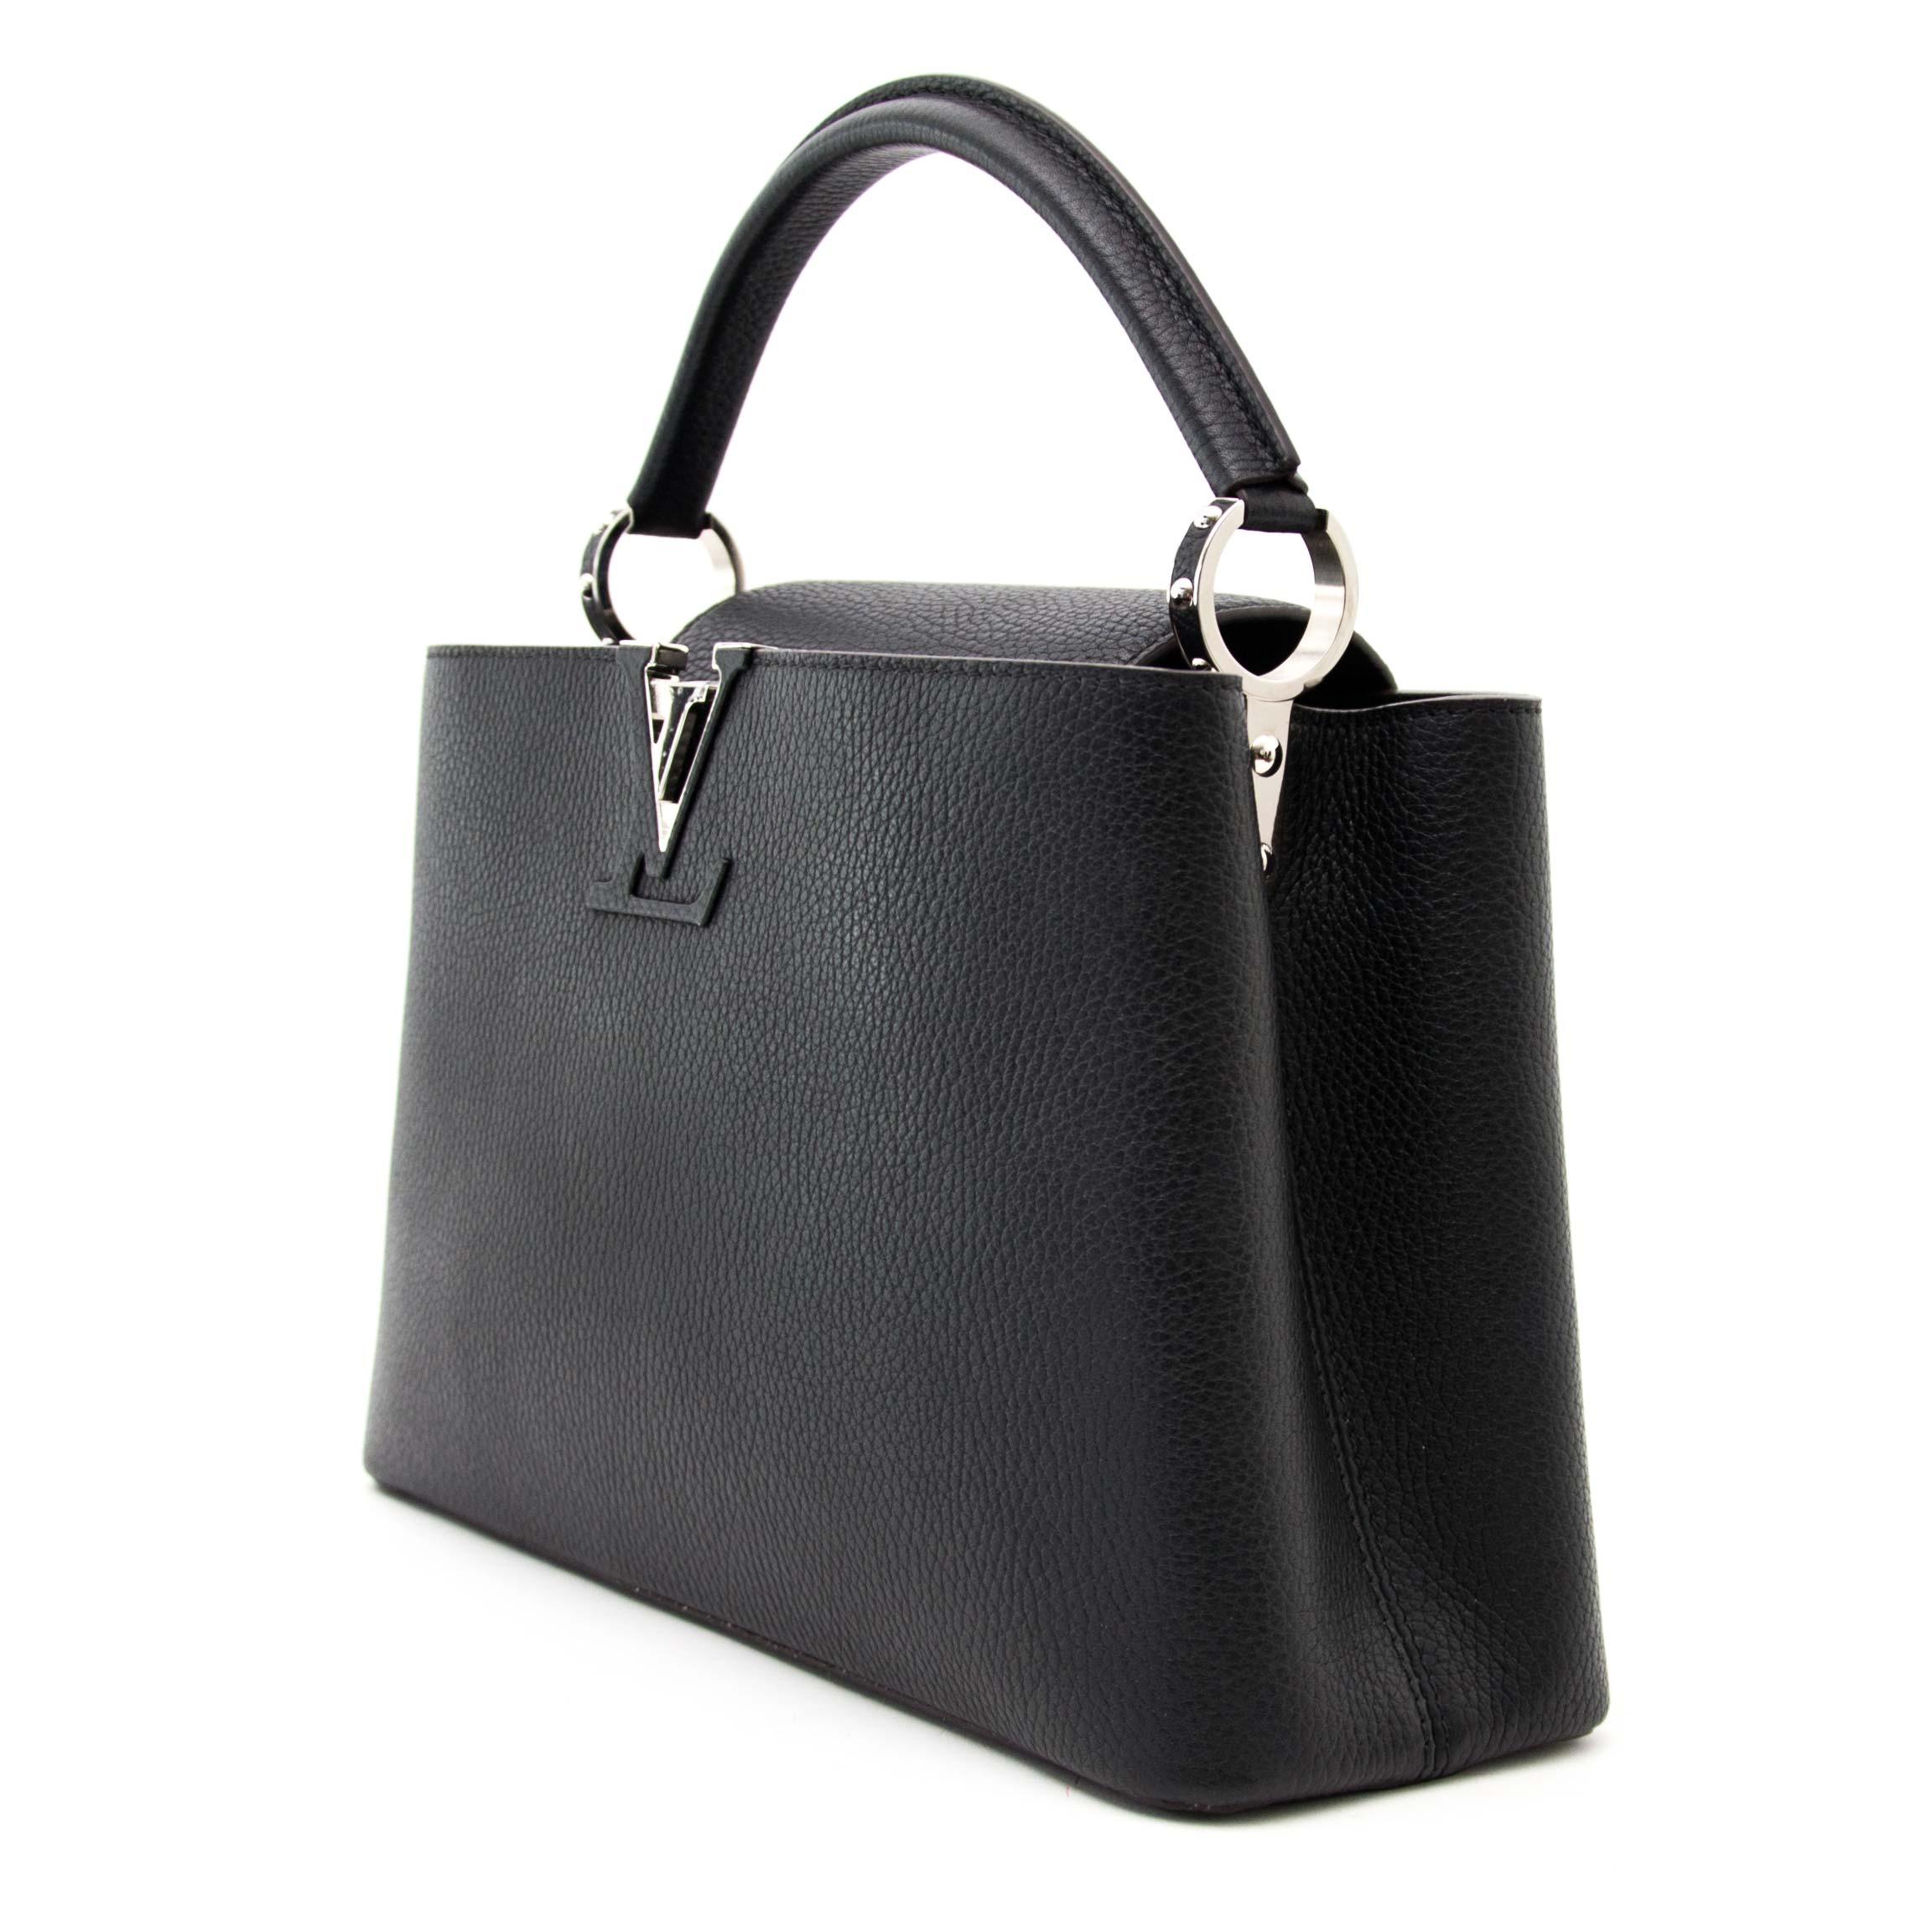 3832e6c68dd02 ... Shop veilig online bij labellov.com tegen de beste prijs Louis Vuitton  Capucine PM Taurillon